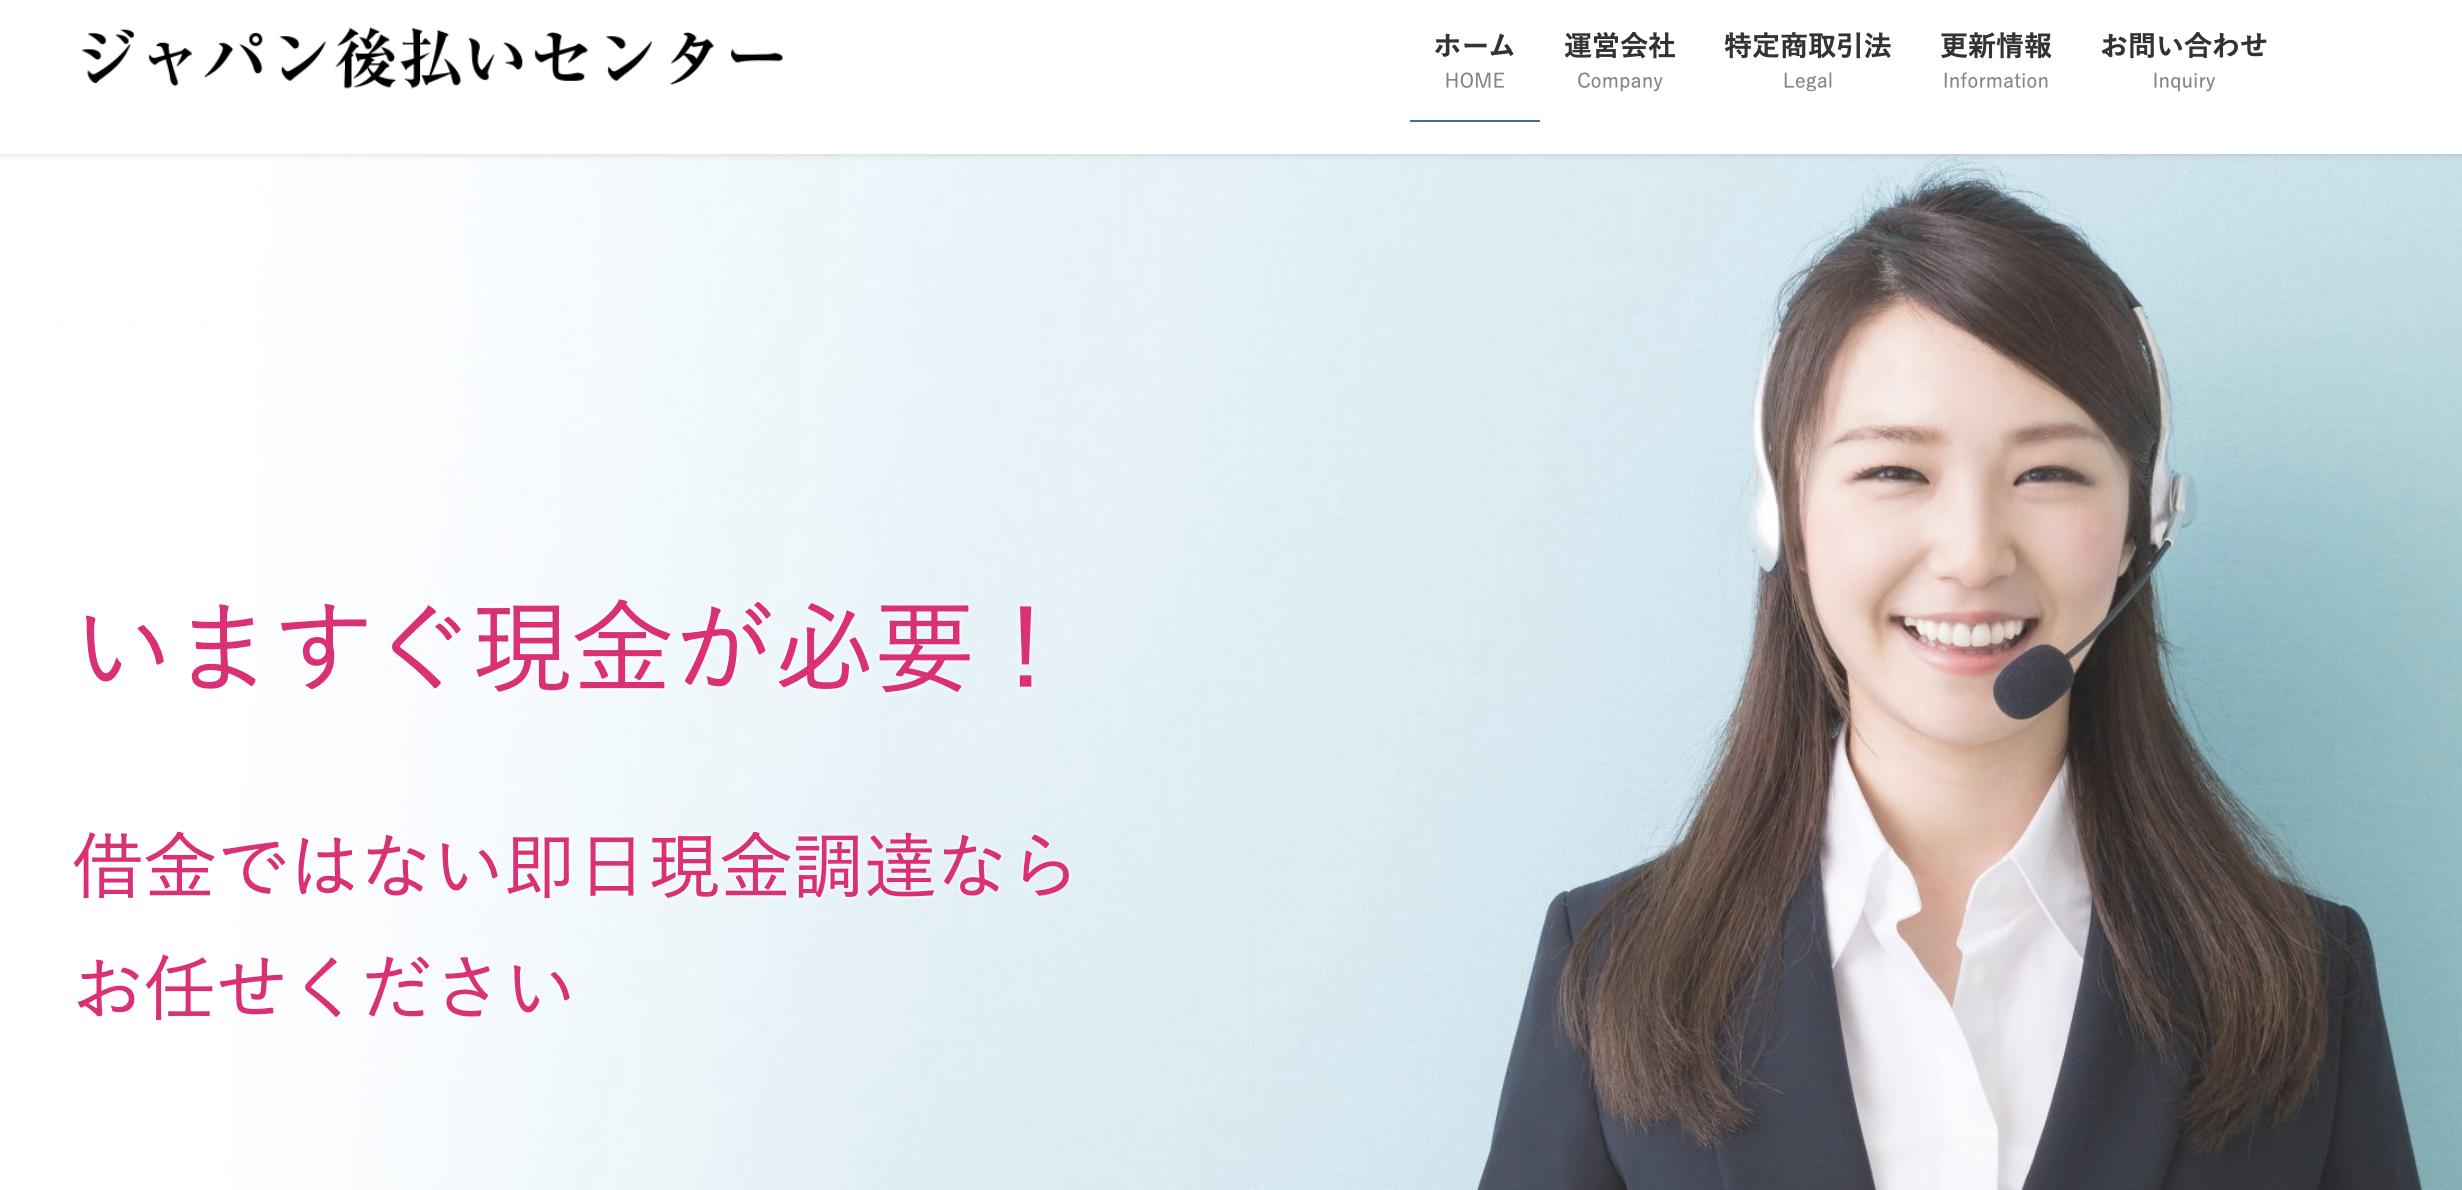 ジャパン後払いセンター|ツケ払い(後払い)現金化サービスの評判や特徴を詳しくご紹介